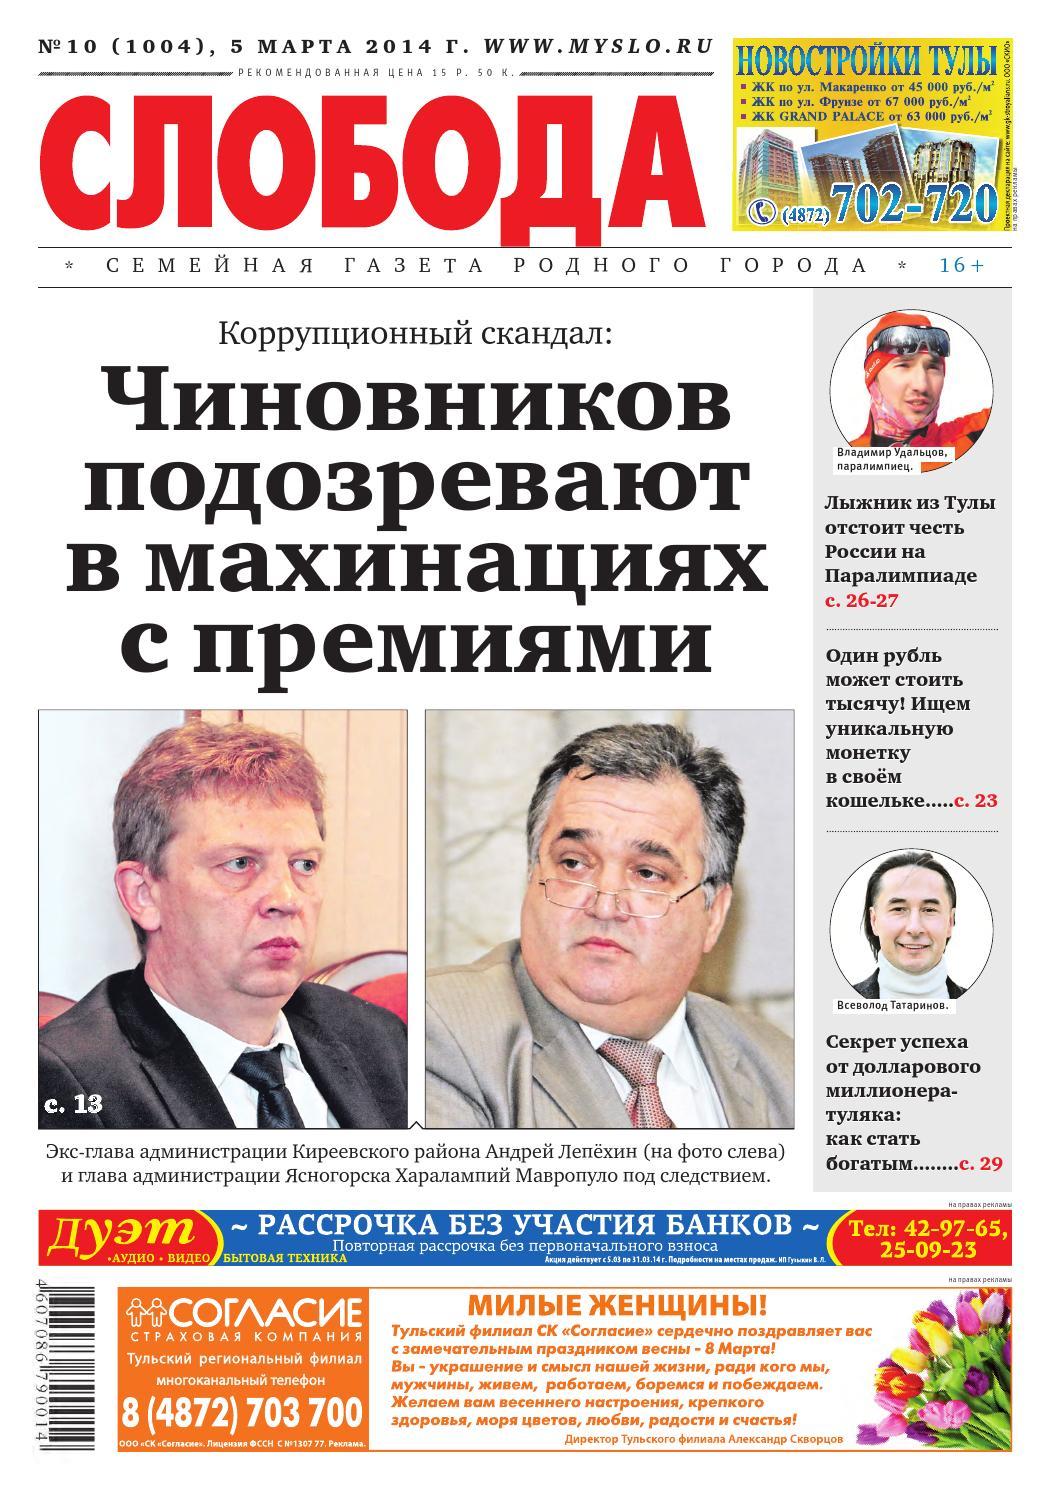 Слобода №10 (1004)  Чиновников подозревают в махинациях с премиями by  Газета